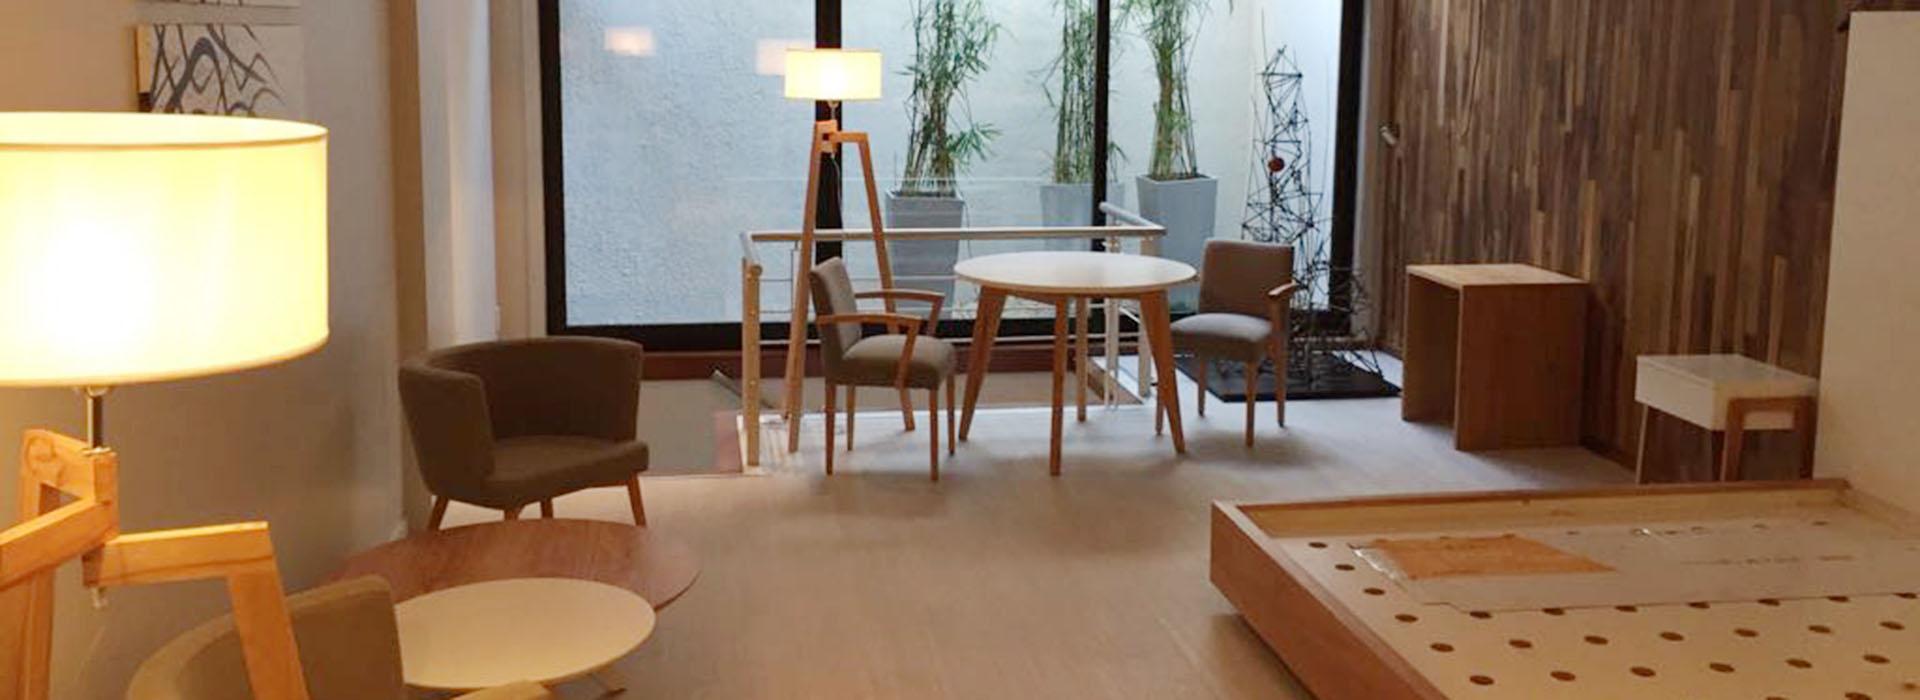 Muebles de un Hotel en Buenos Aires